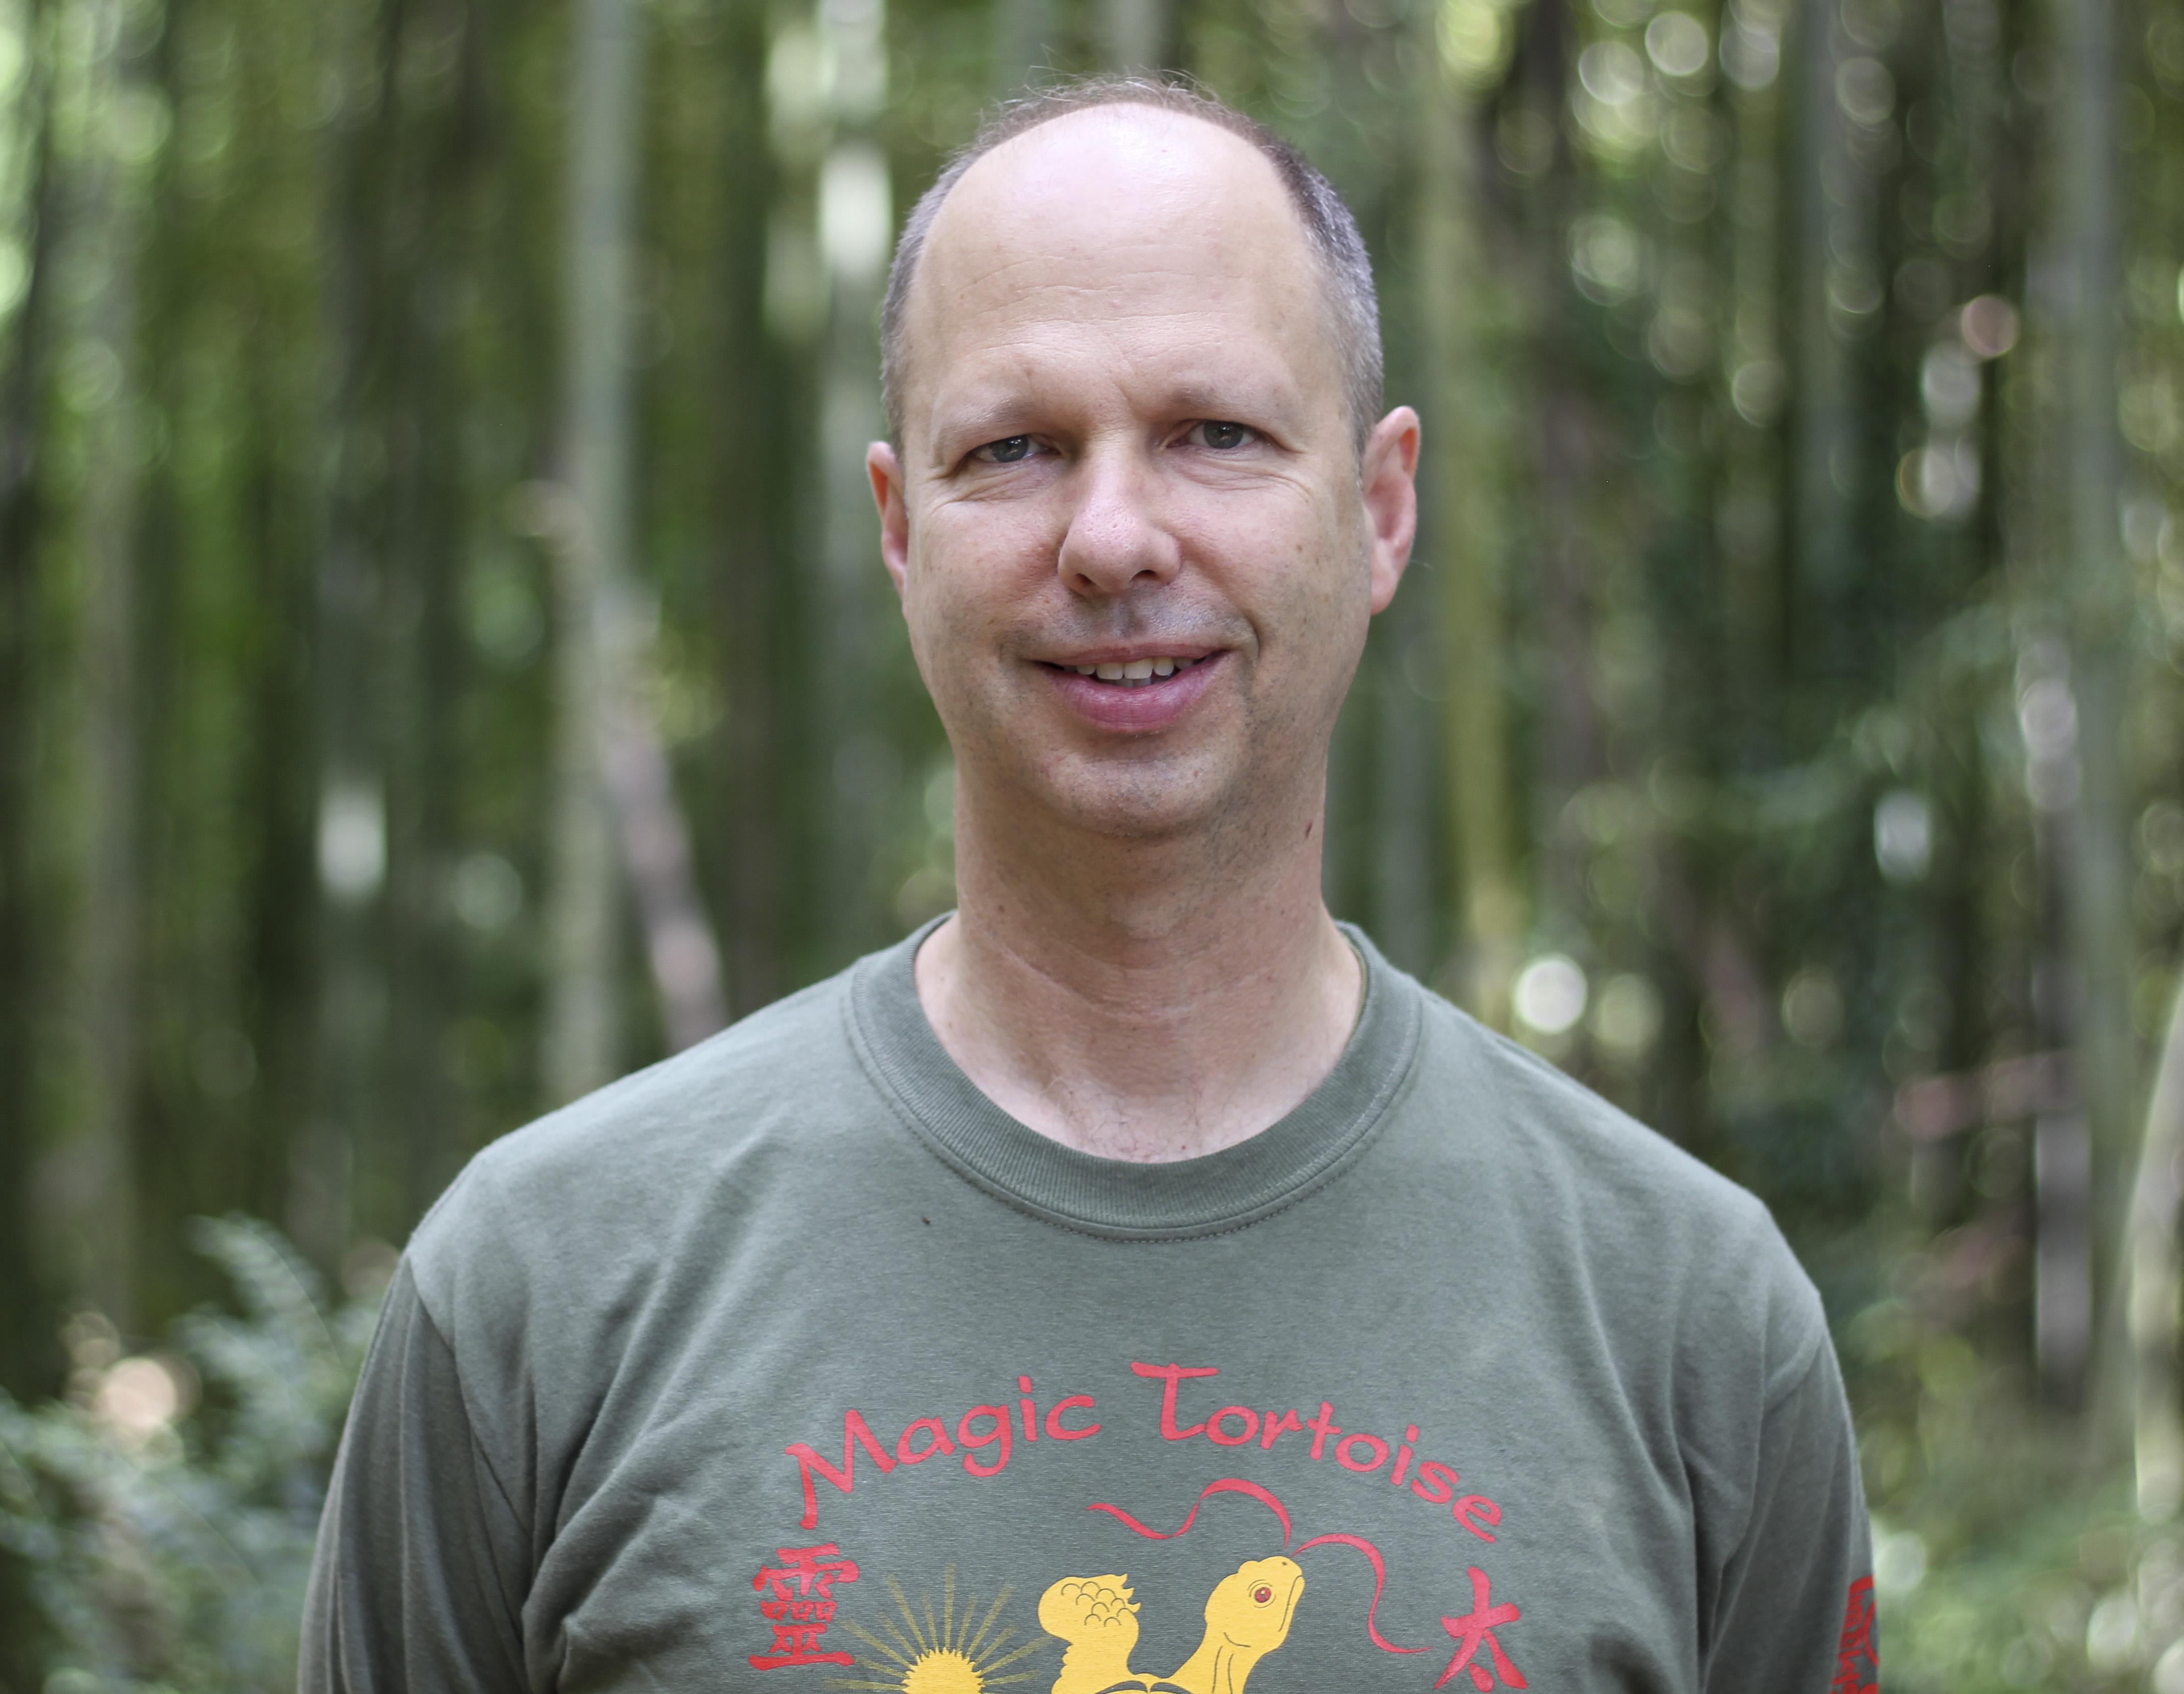 Dan Partridge